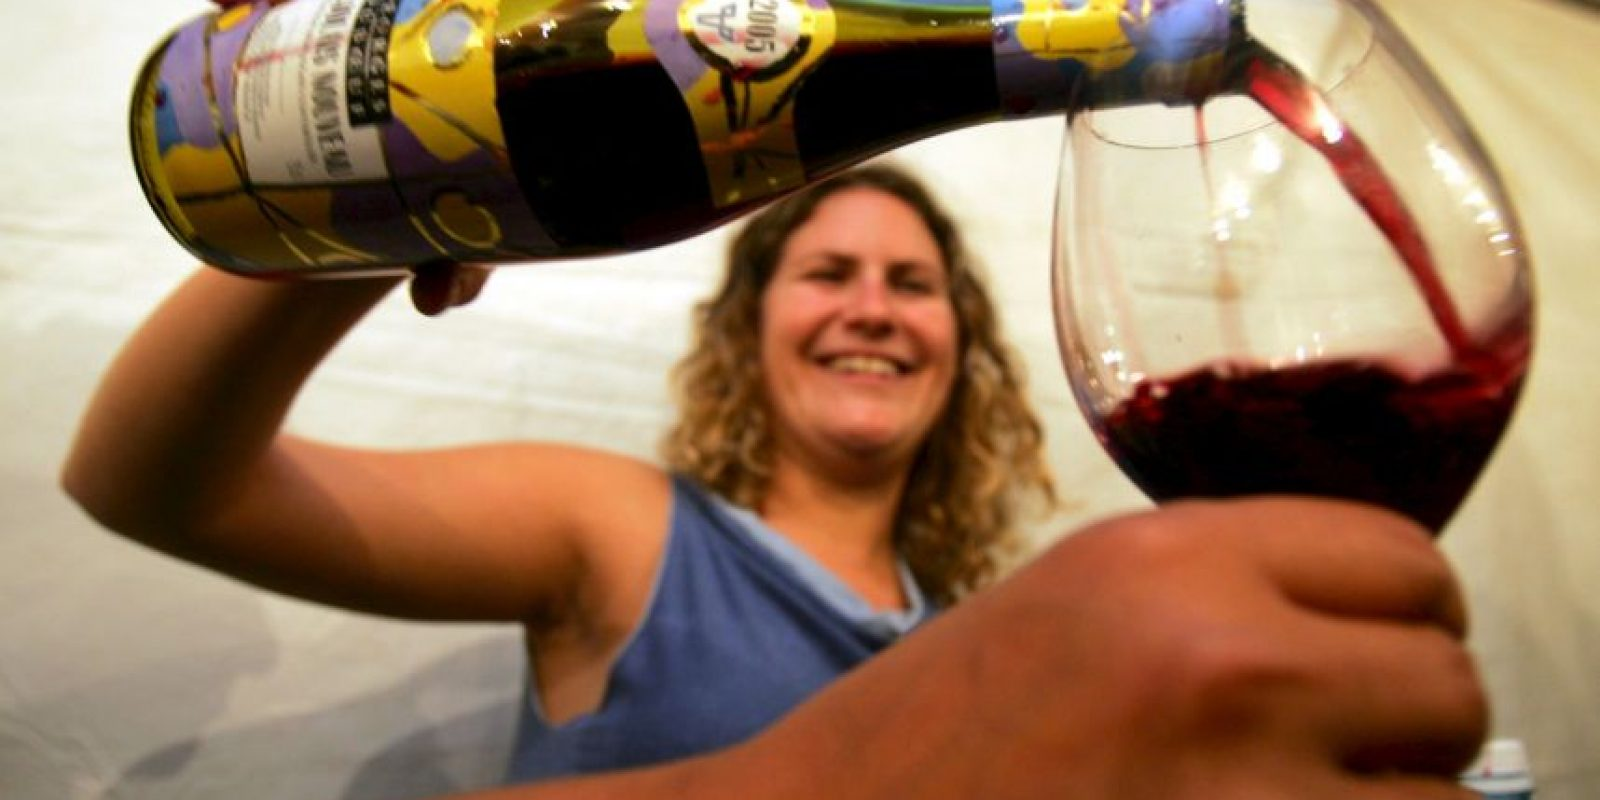 Esto a su vez puede tener un papel en la relación entre el consumo de alcohol y el comportamiento sexual de riesgo. Foto:Getty Images